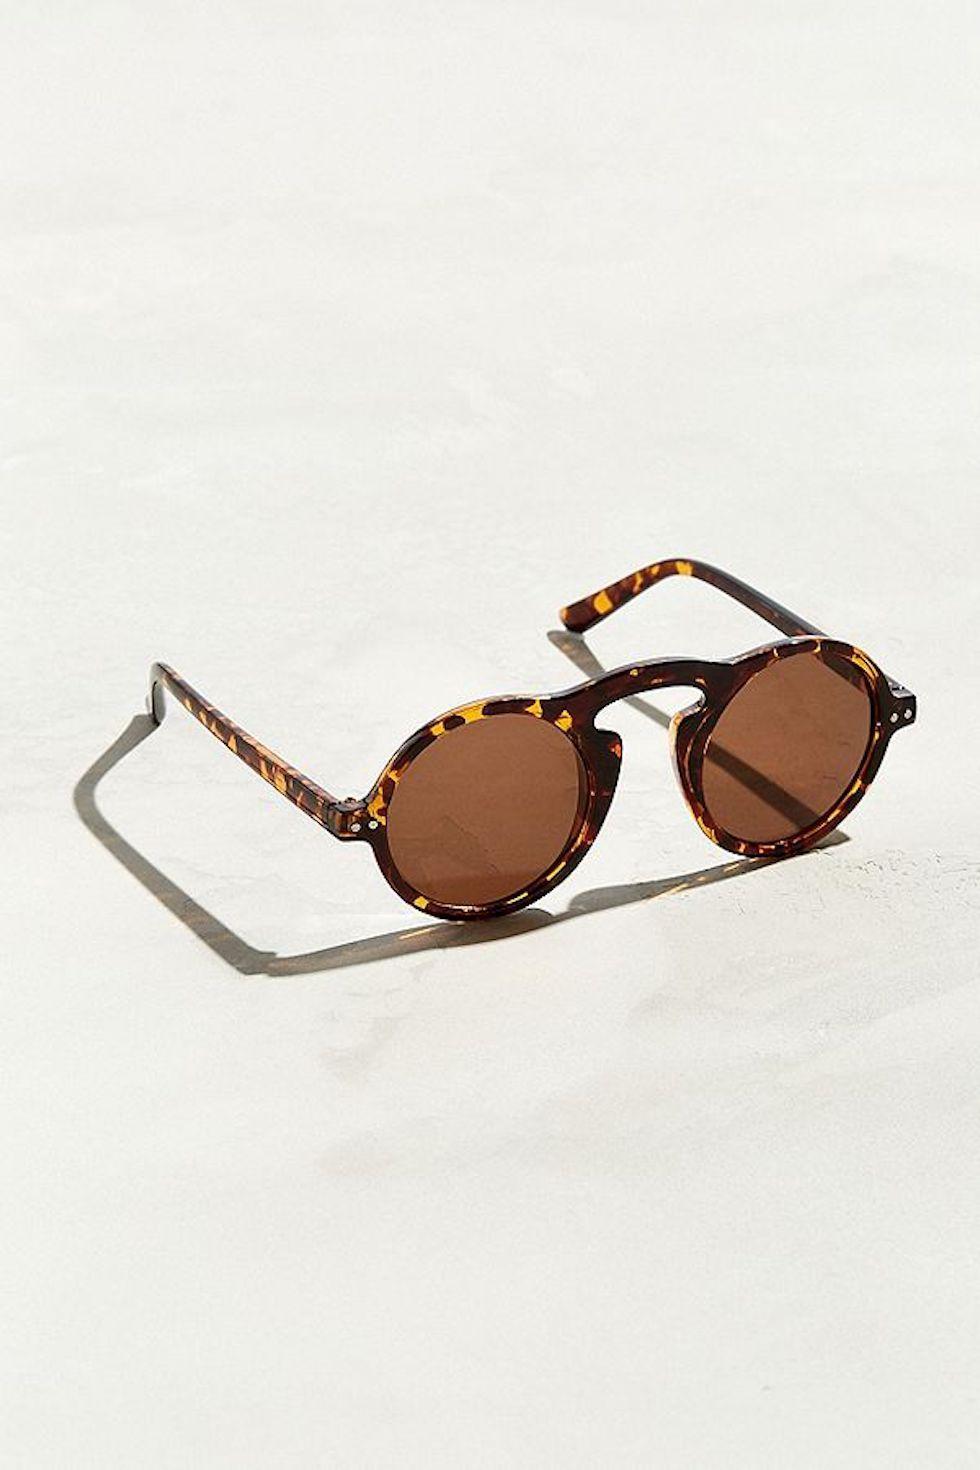 6577264f86d The 10 Best Sunglasses For Men 2018 - Stylish New Sunglasses For Men